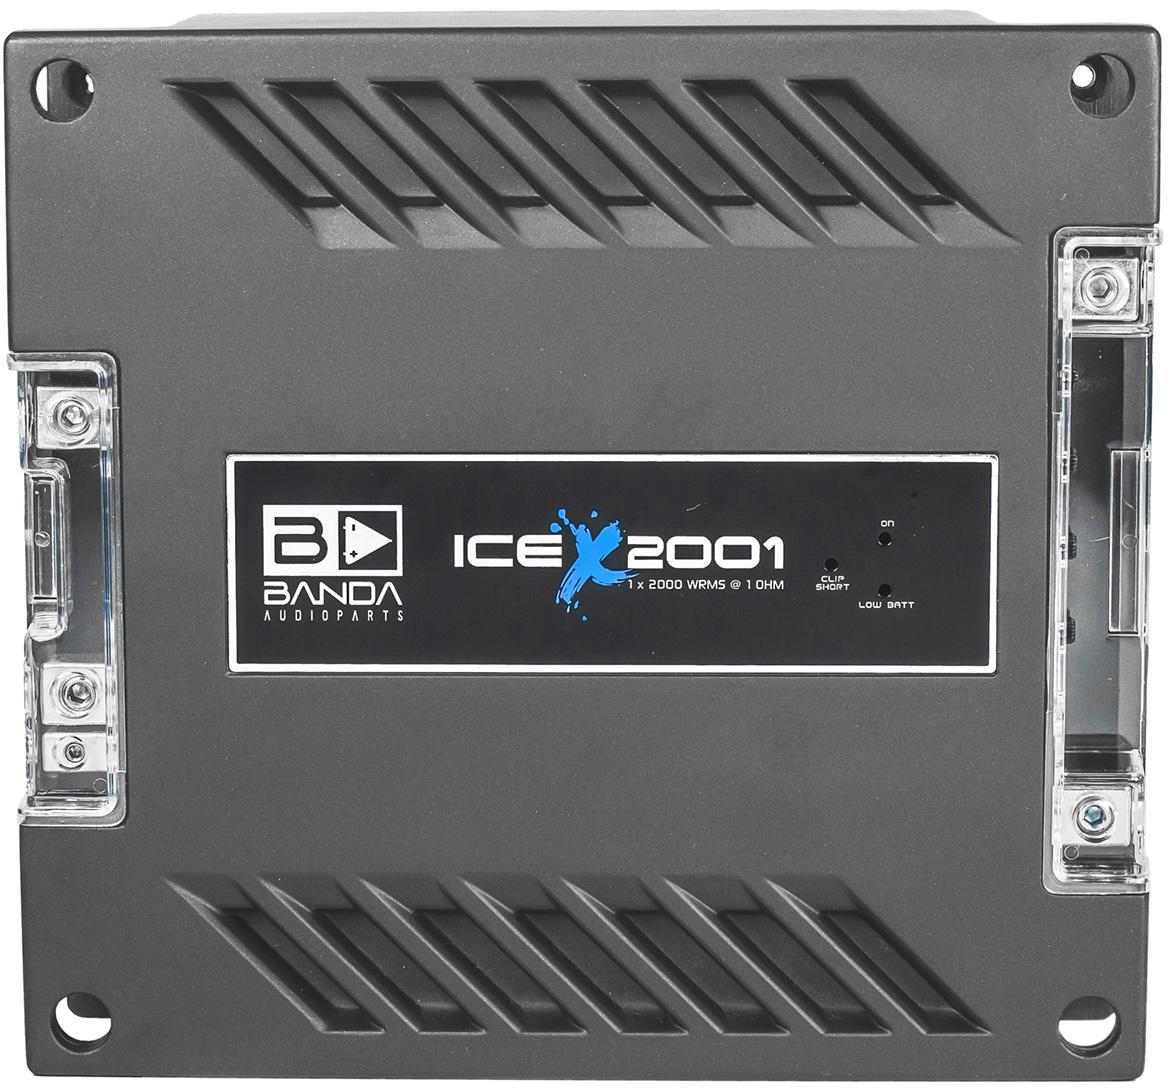 ice-x-2001-frente-19-1 ICE X 2001